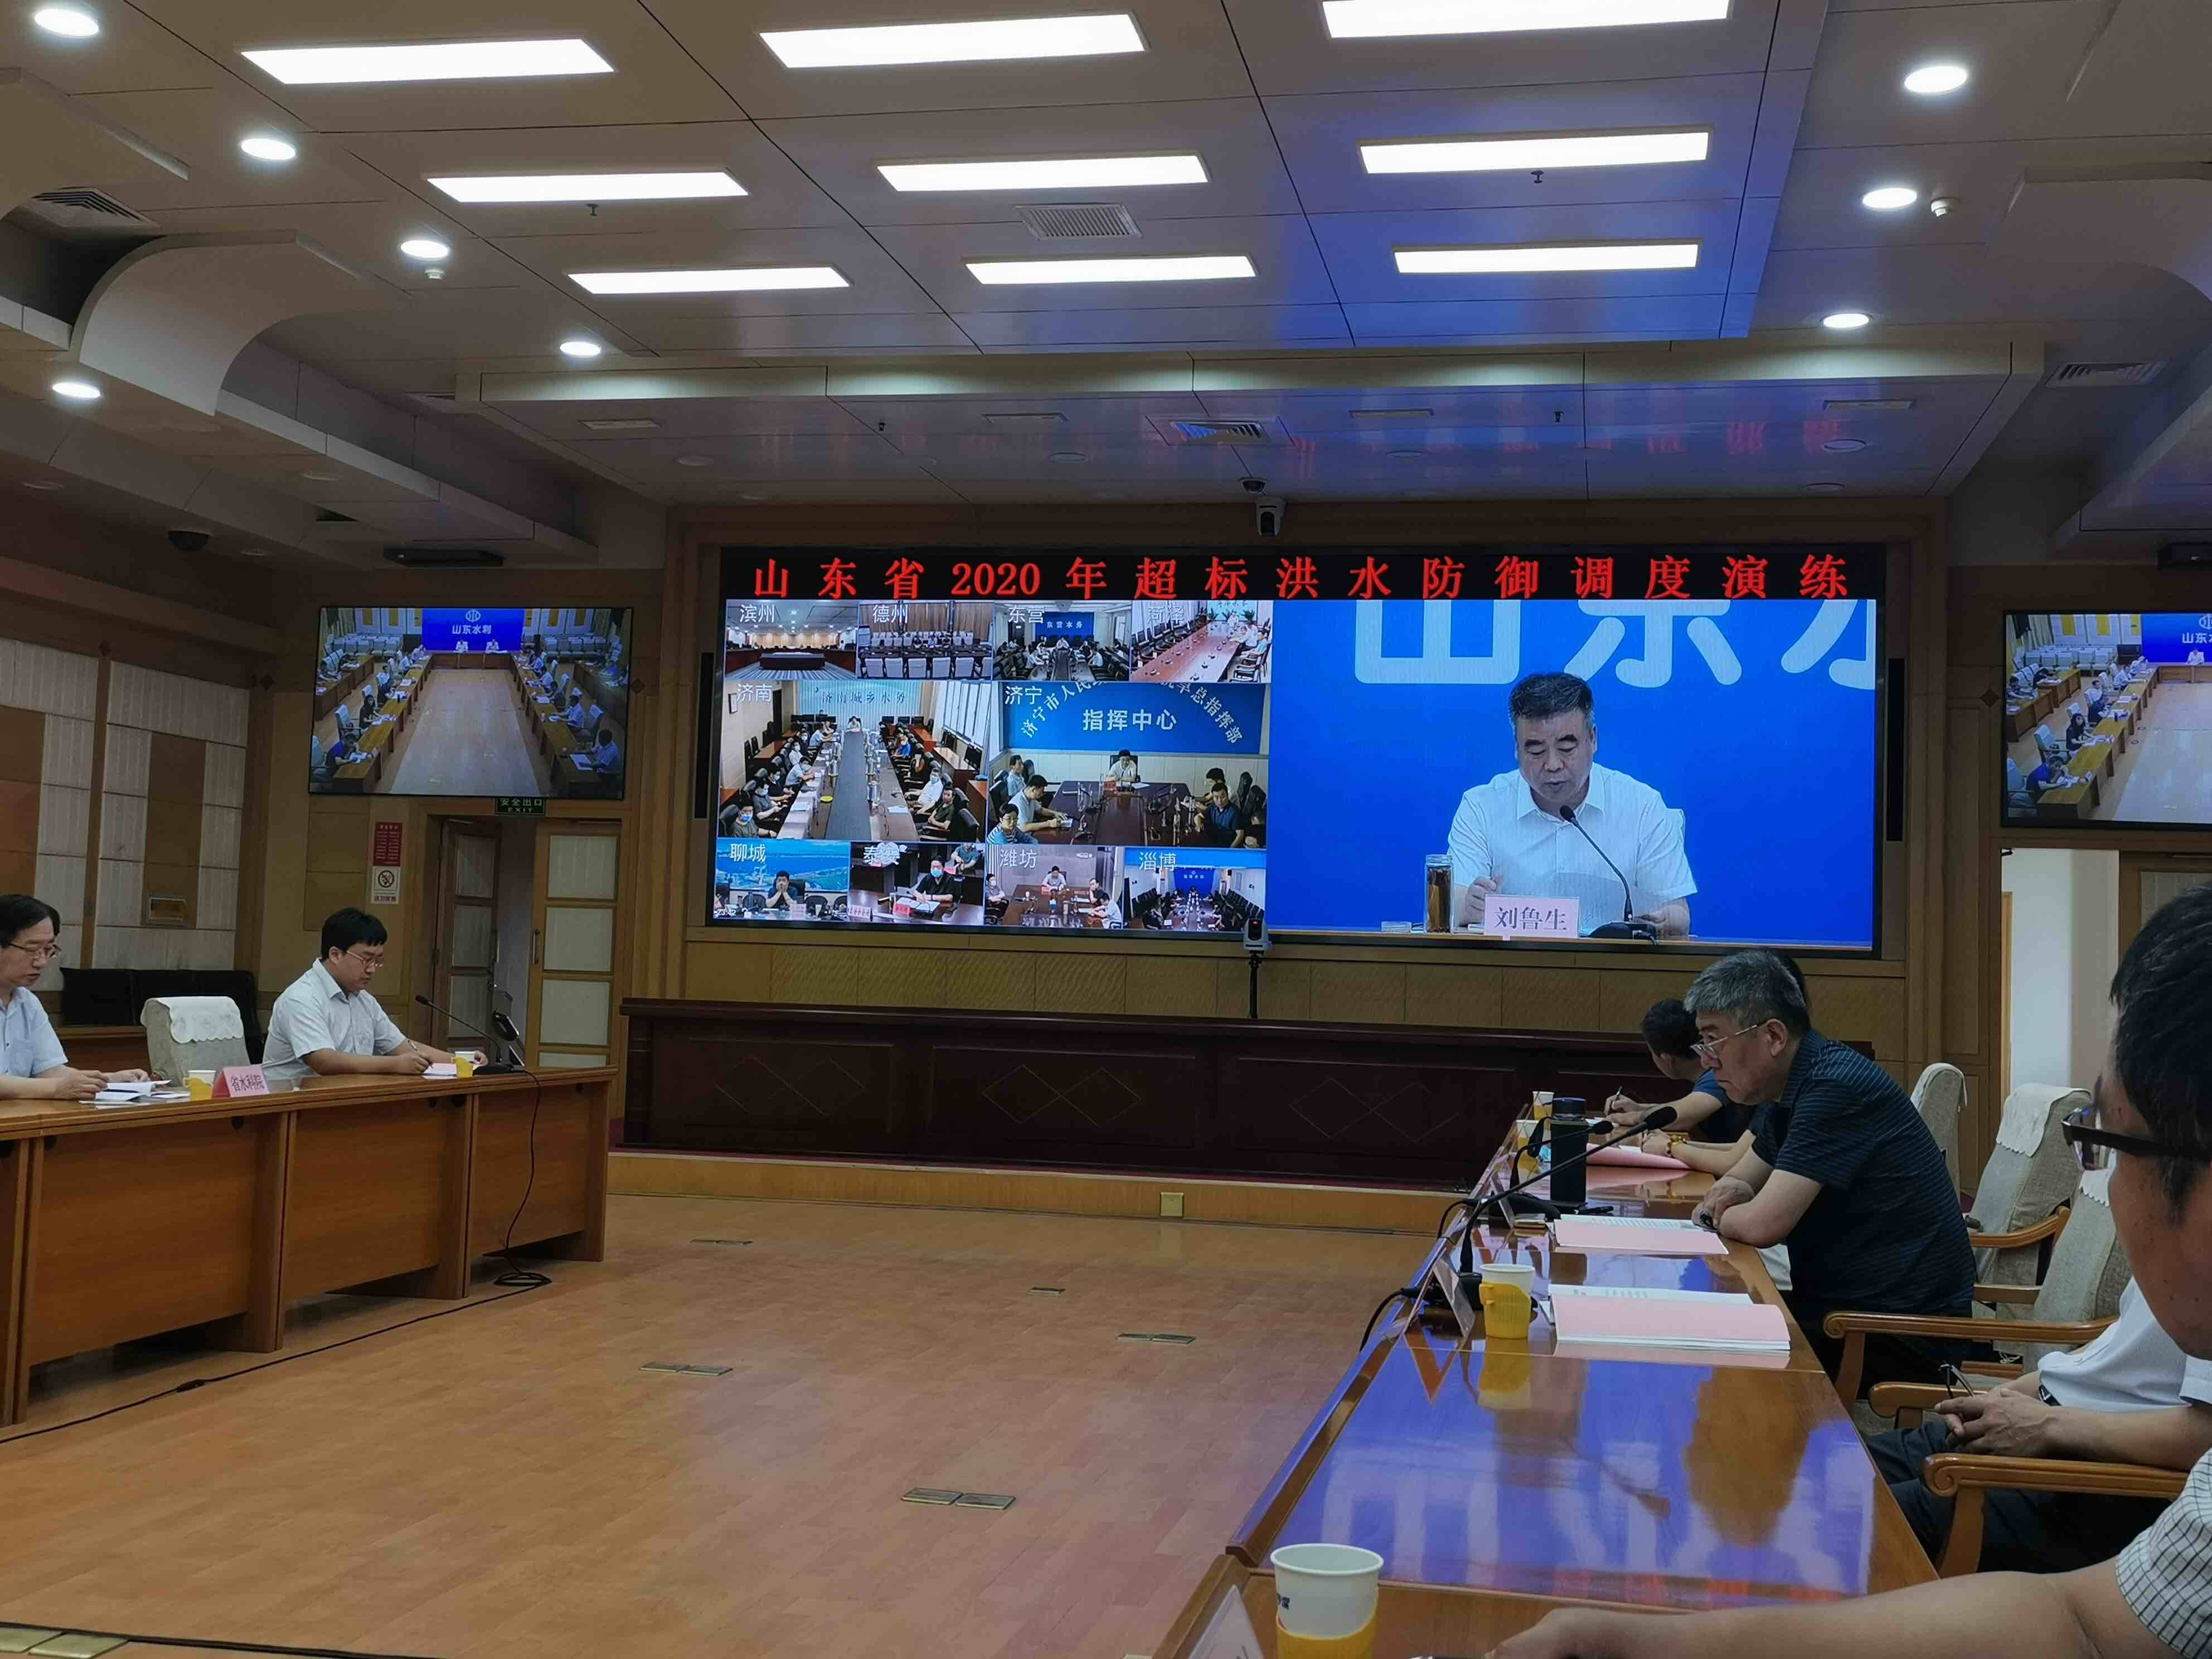 山东省水利厅举办2020年超标洪水防御调度演练